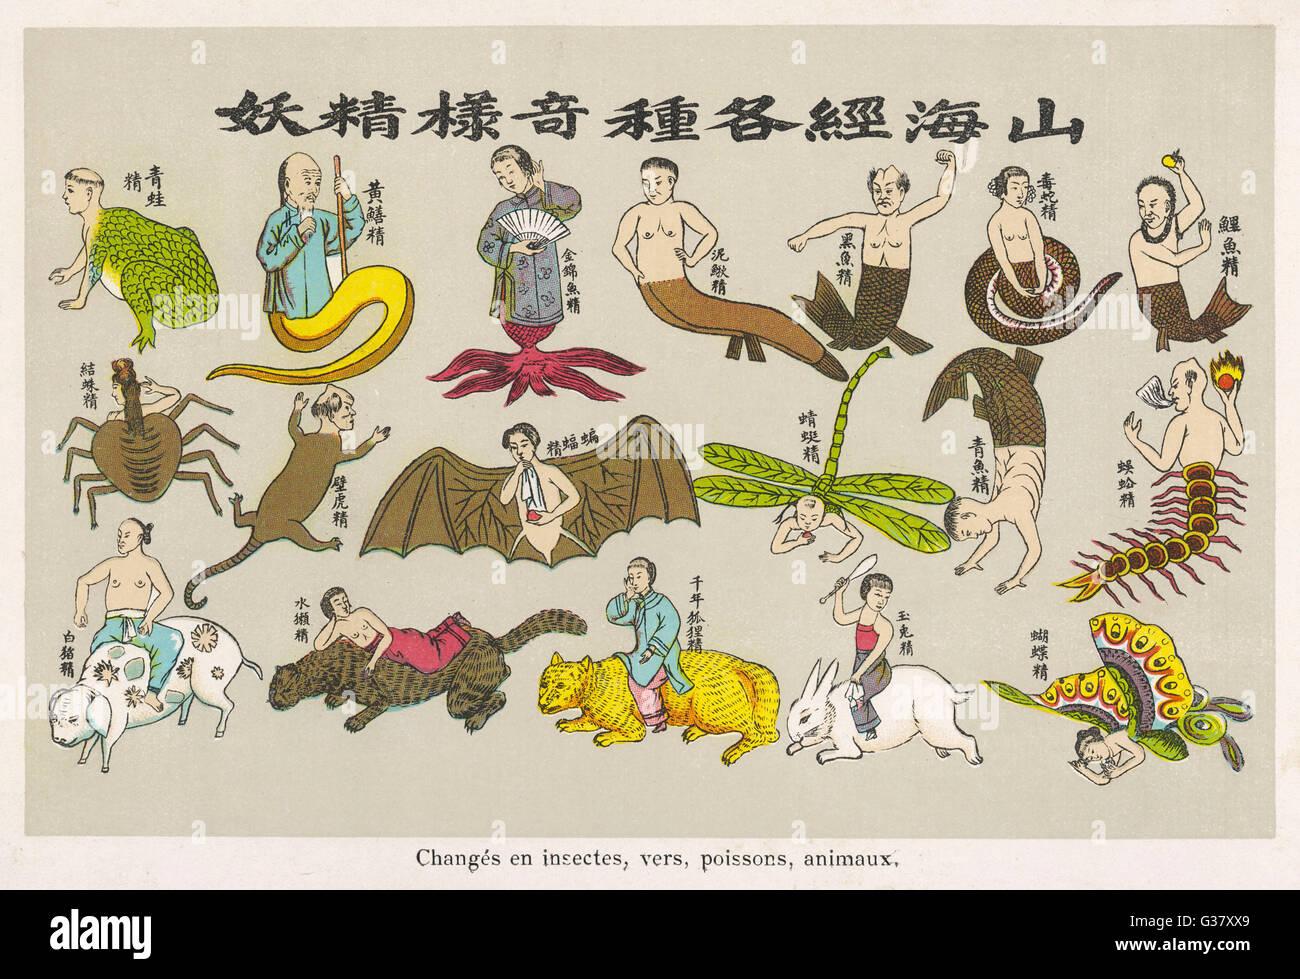 Das buddhistische Konzept des Zyklus der Wiedergeburt: die Seele ist wie ein Vogel, ein Insekt, ein Tier (1 von Stockbild